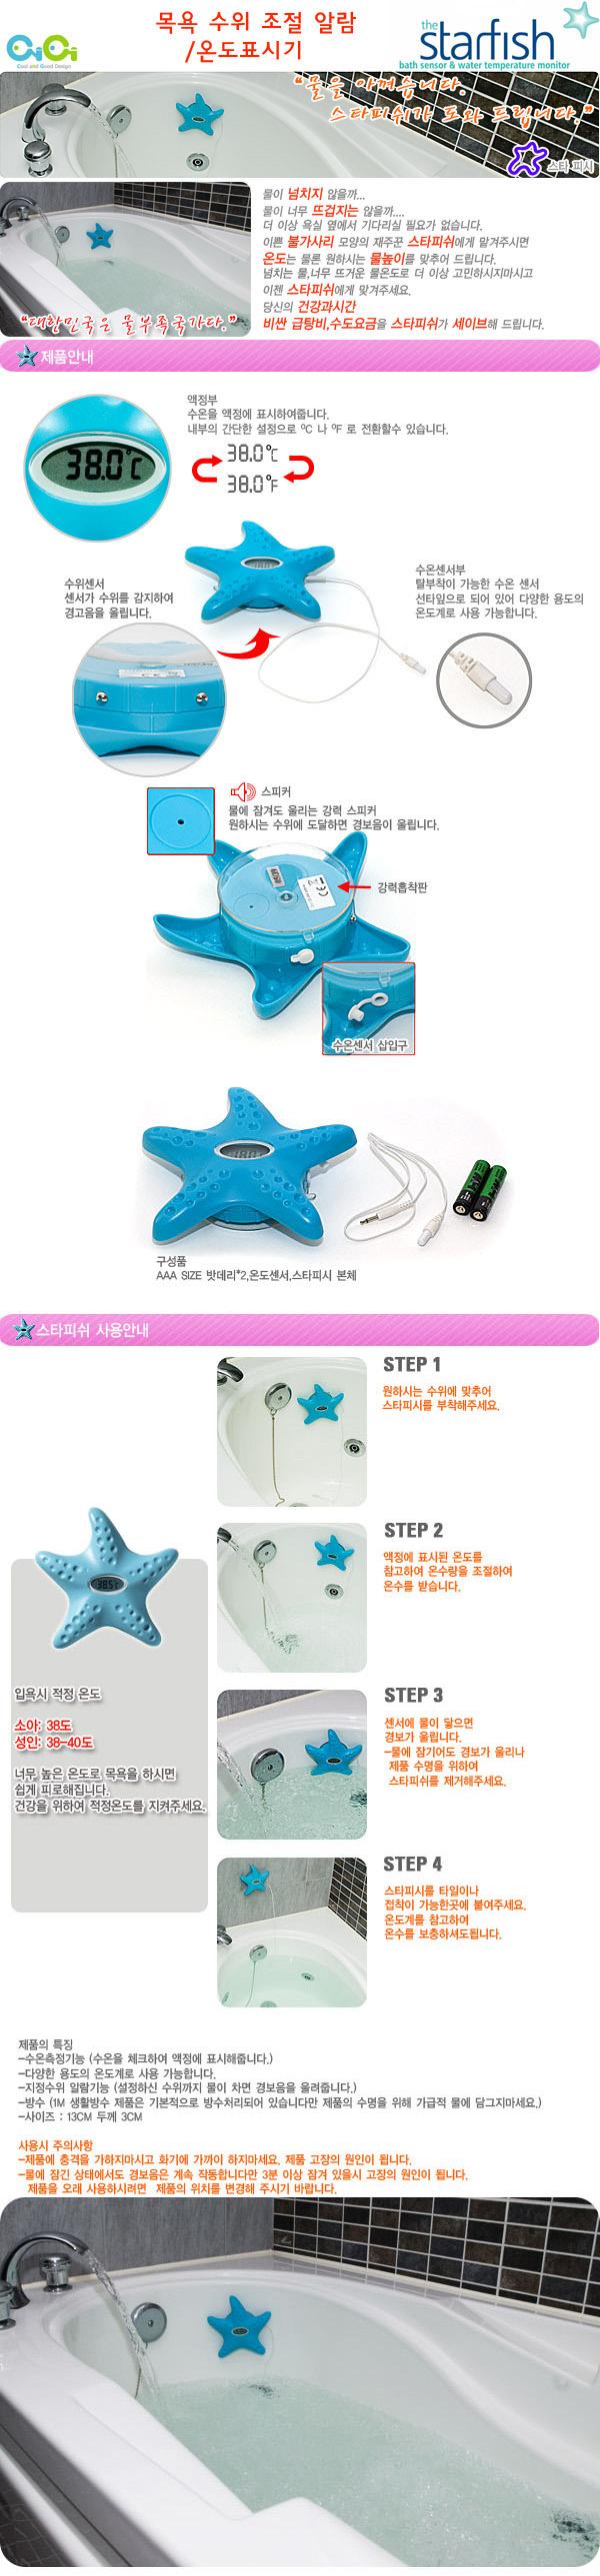 starfishdetail.jpg